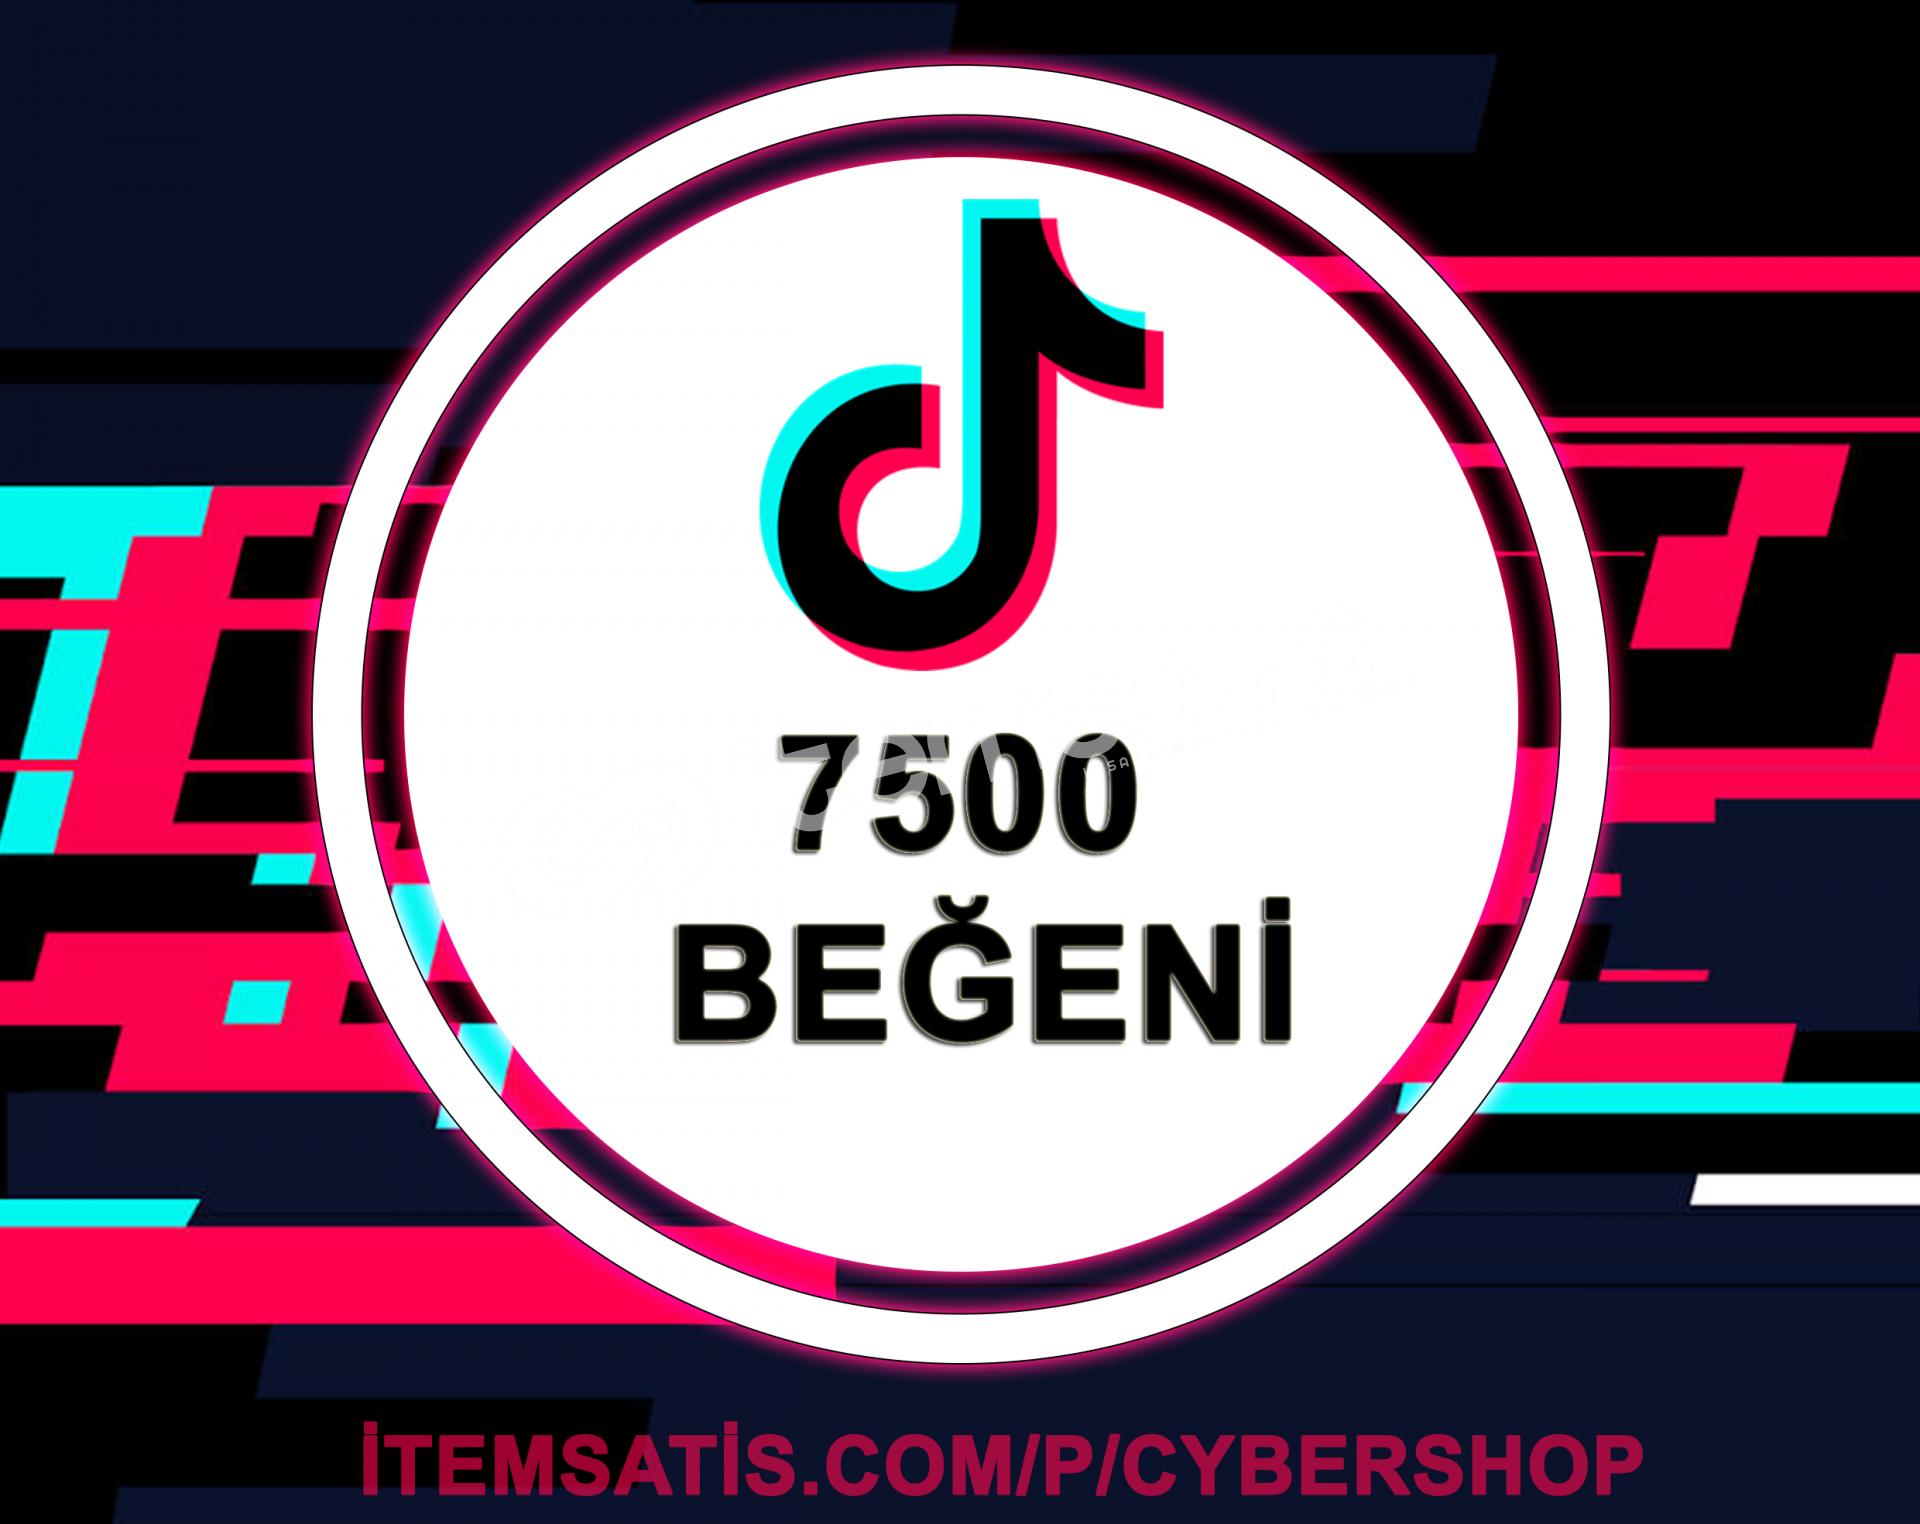 TikTok 7500 Beğeni (Anlık Gönderim)